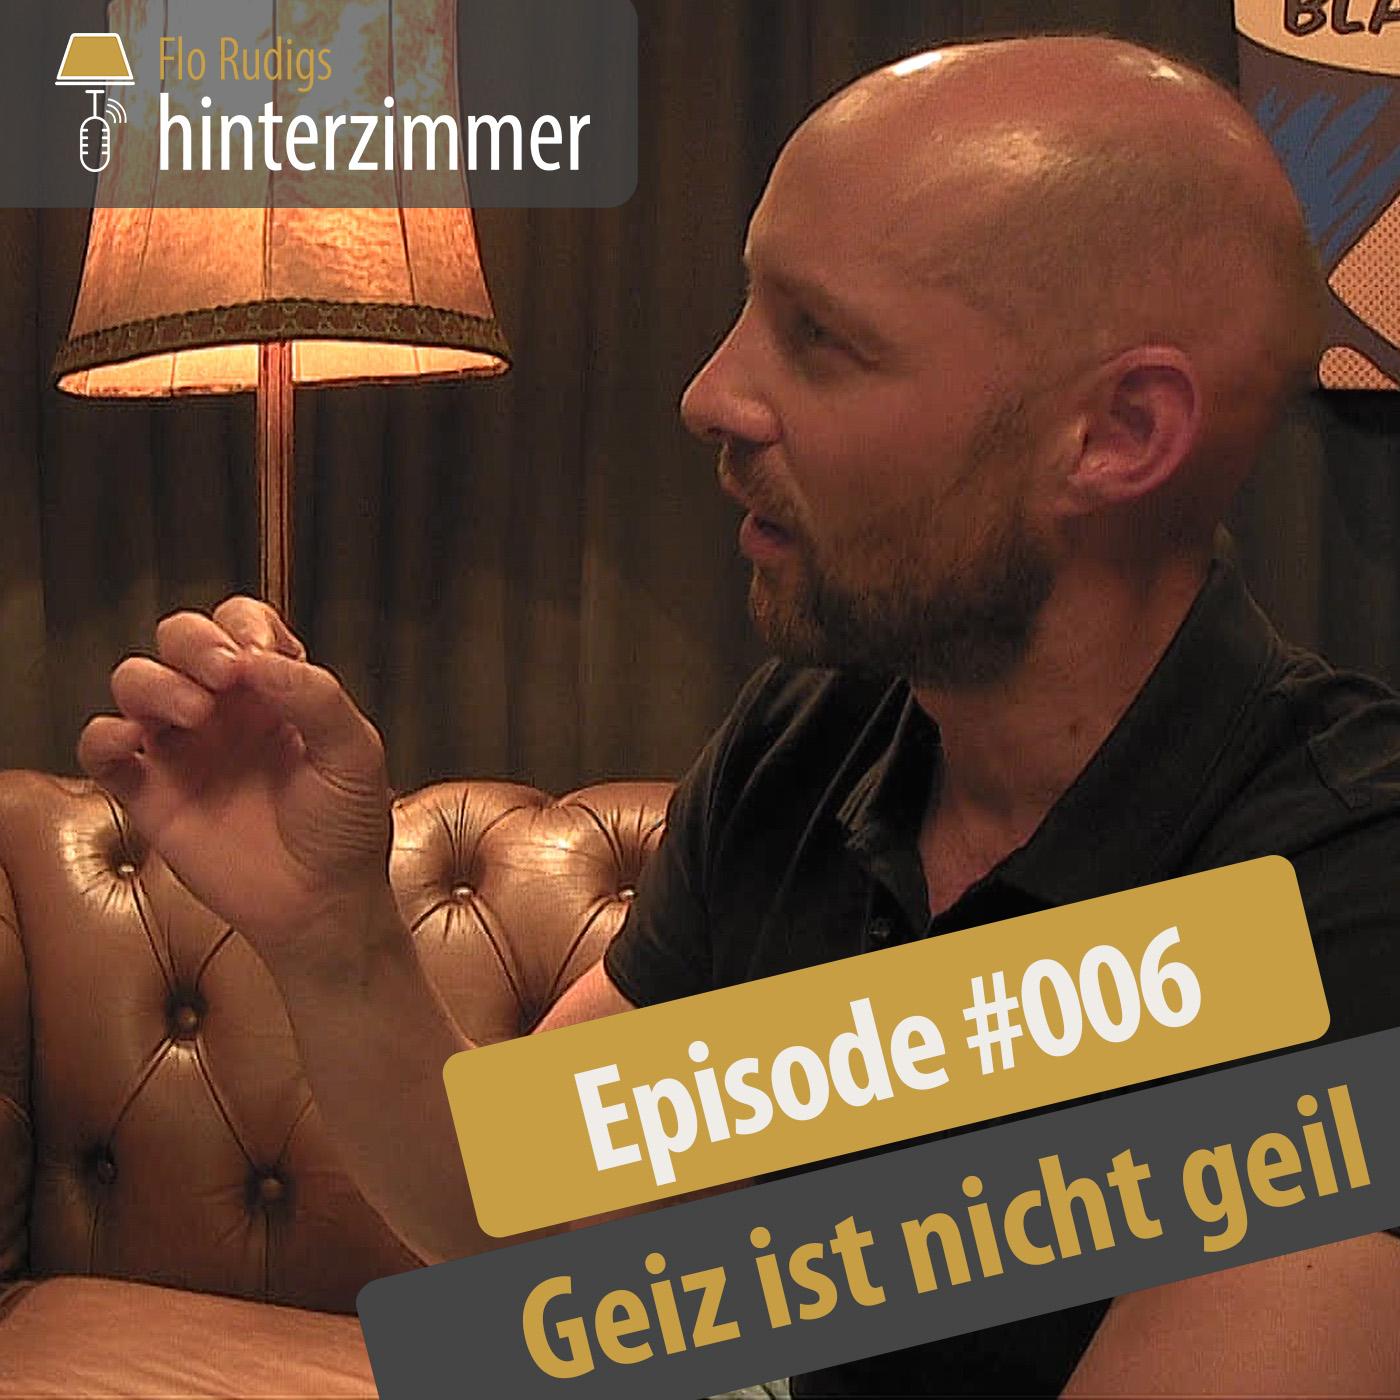 #006 Hannes Royer: Geiz ist nicht geil. So machen wir unsere Lebensmittel kaputt | Hinterzimmer